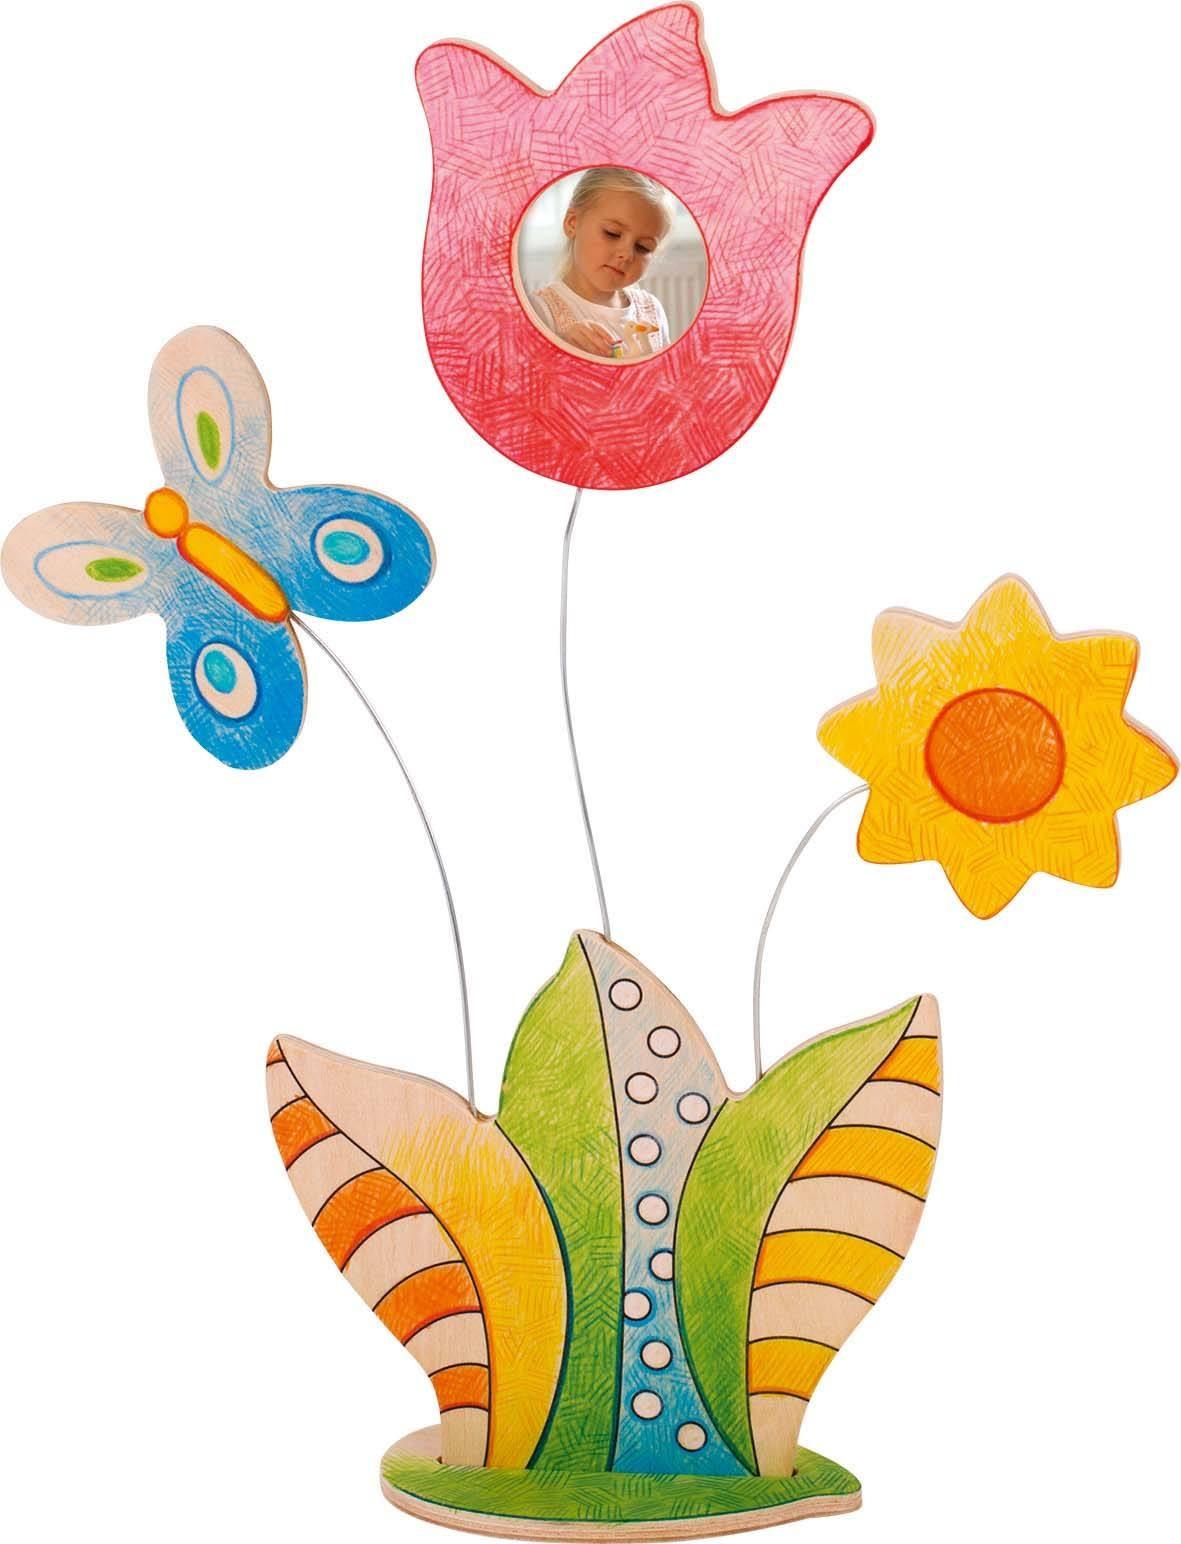 Bilderrahmen zum Anmalen, Blume